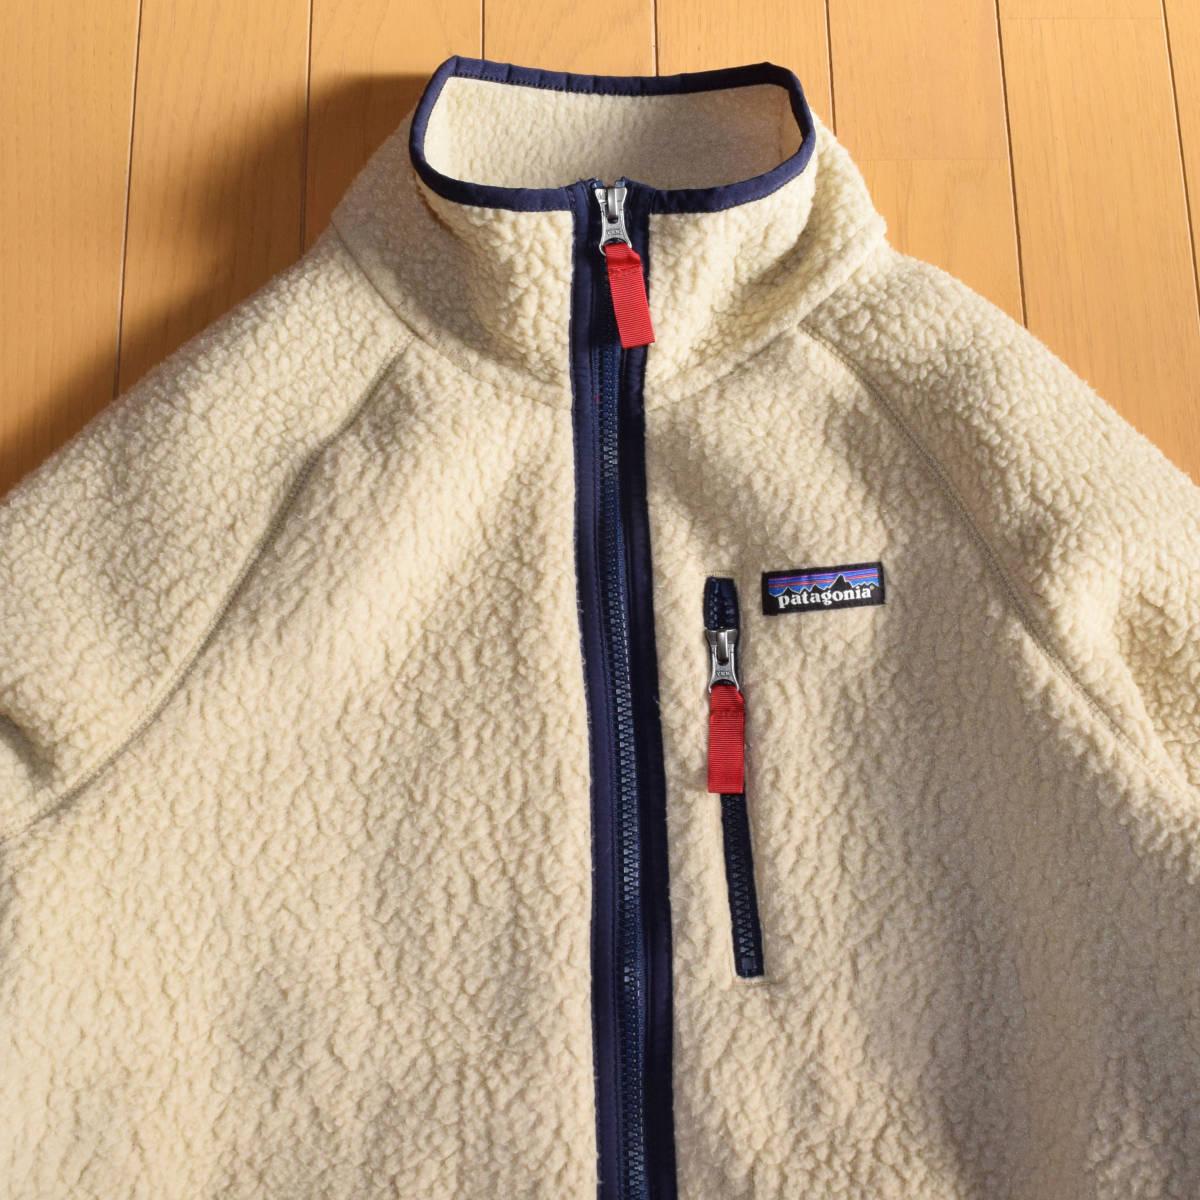 美品!人気カラー patagonia パタゴニア MEN'S retro pile jacket M サイズ レトロパイル ジャケット レトロX 希少カラー _画像2